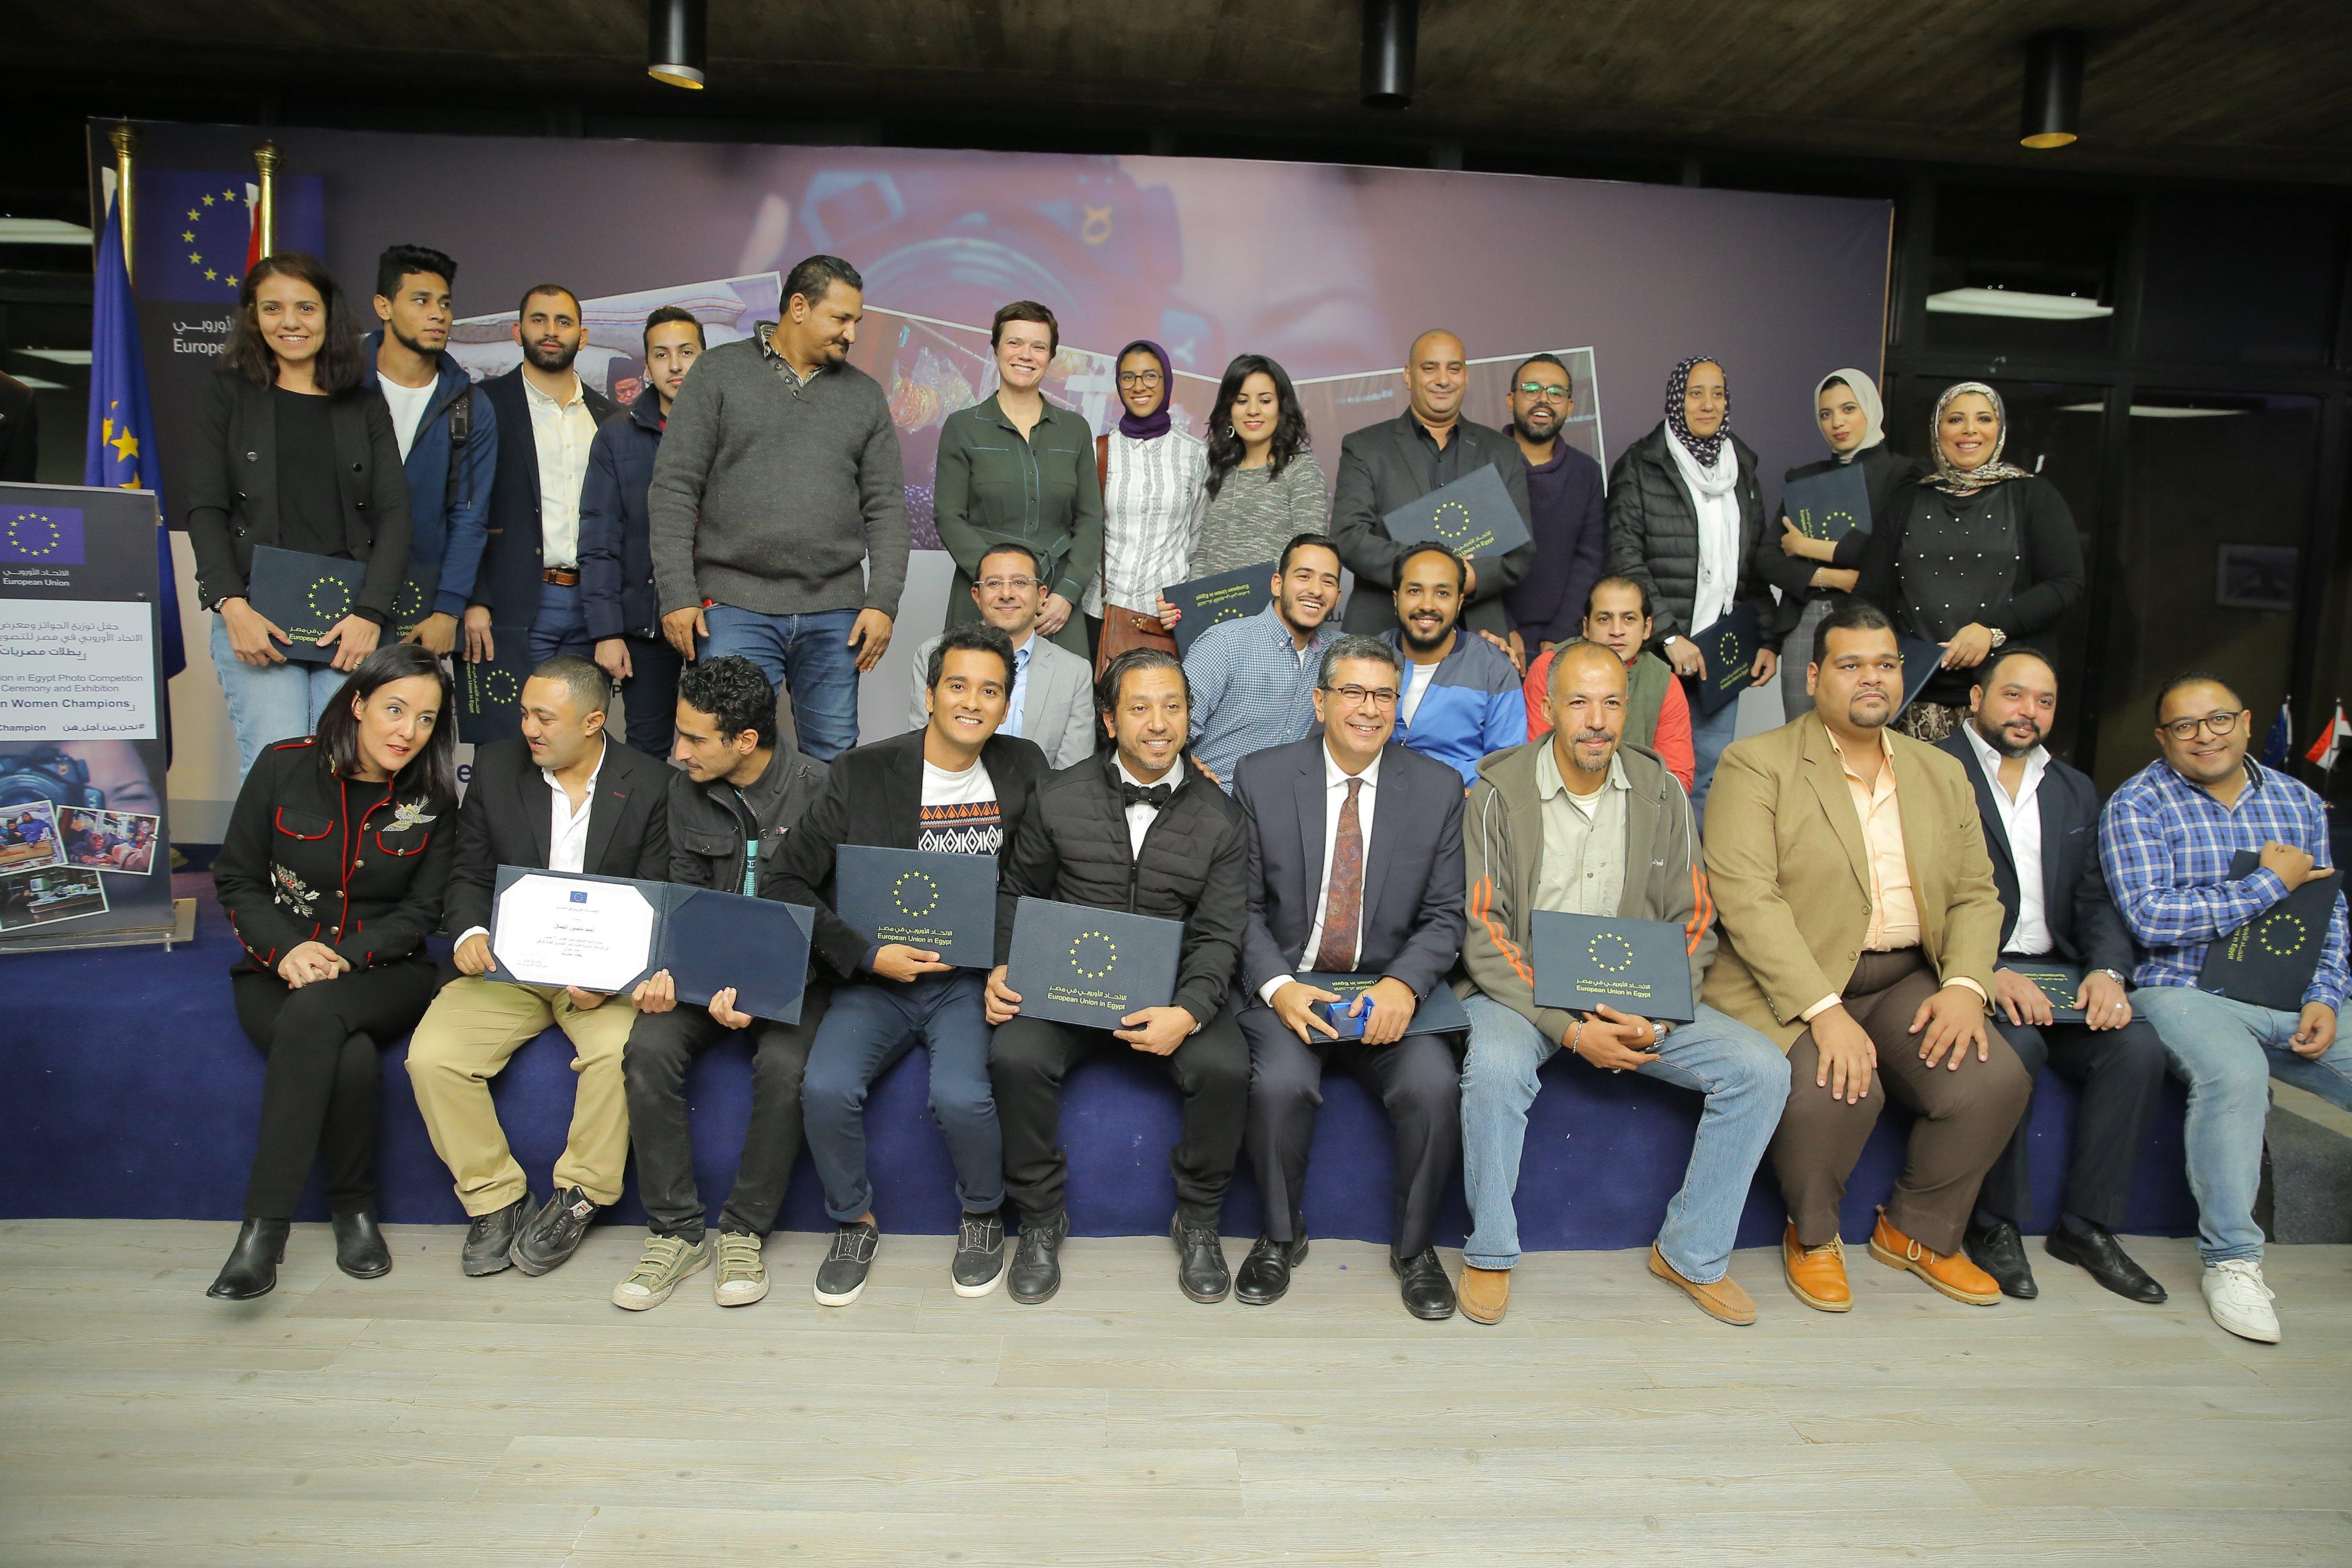 الفائزين بمسابقة الاتحاد الأوروبى فى مصر للتصوير الفوتوغرافى